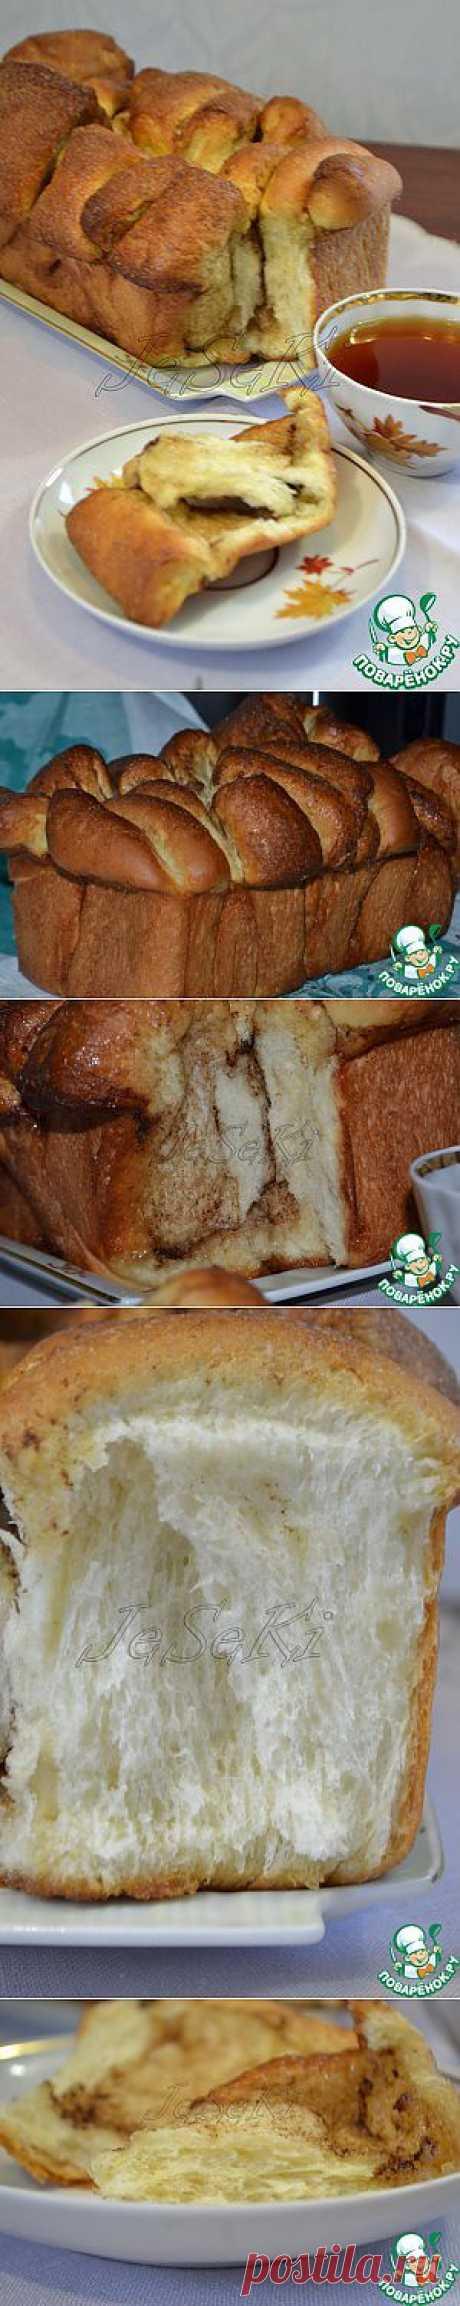 Воздушный хлеб с корицей - кулинарный рецепт